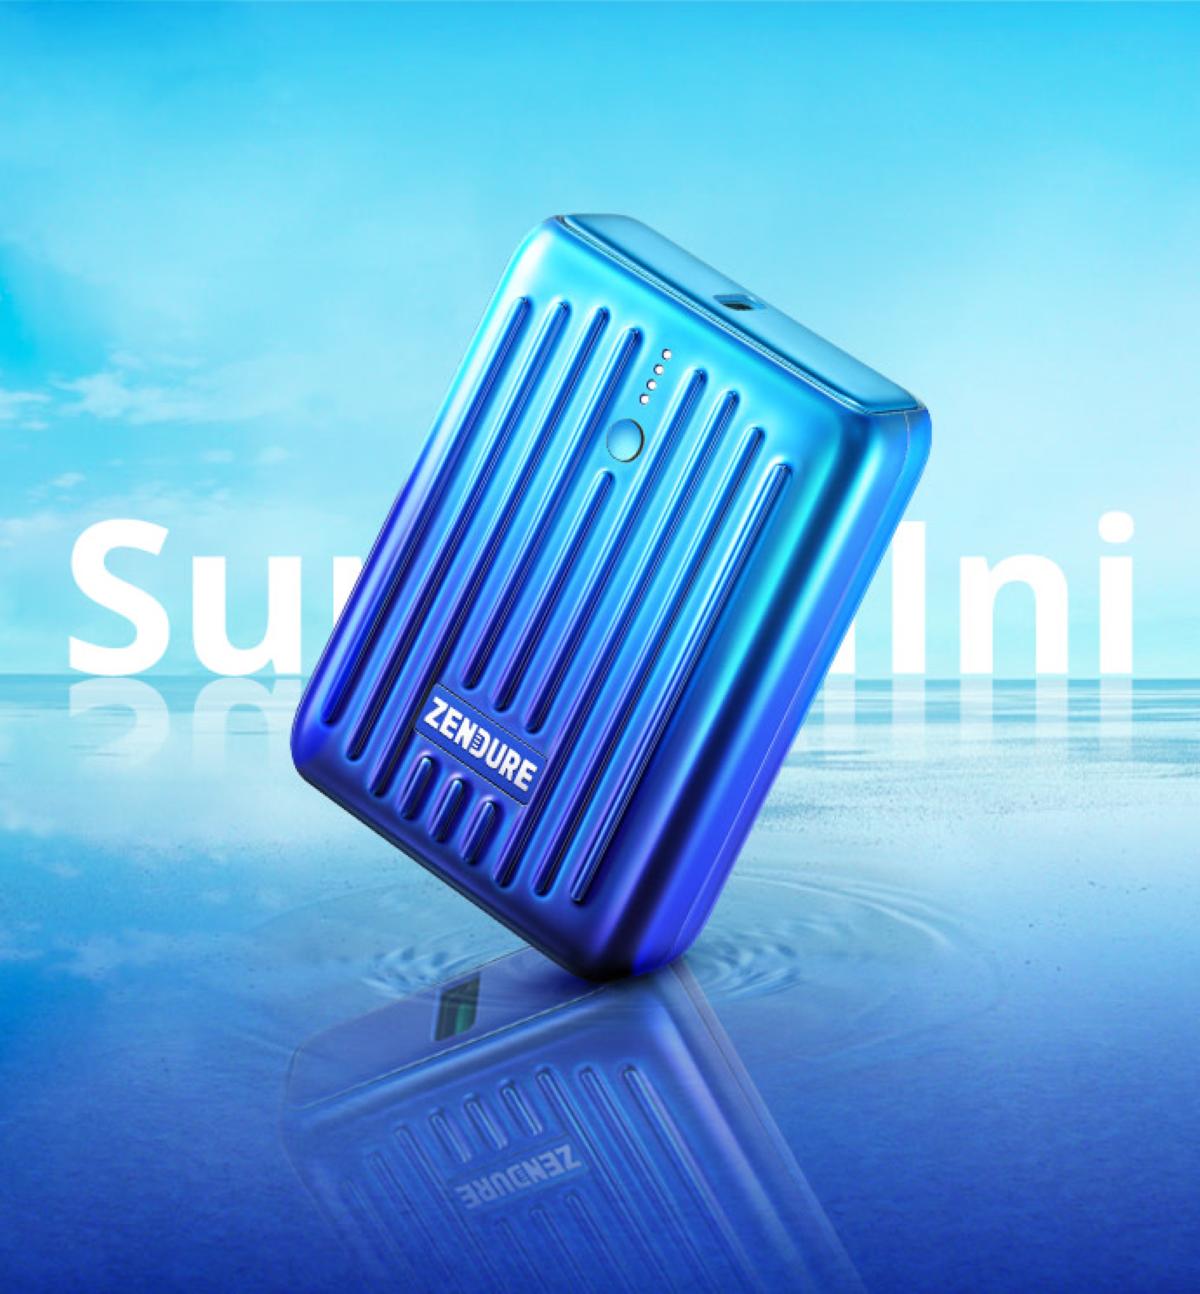 Zendure SuperMini